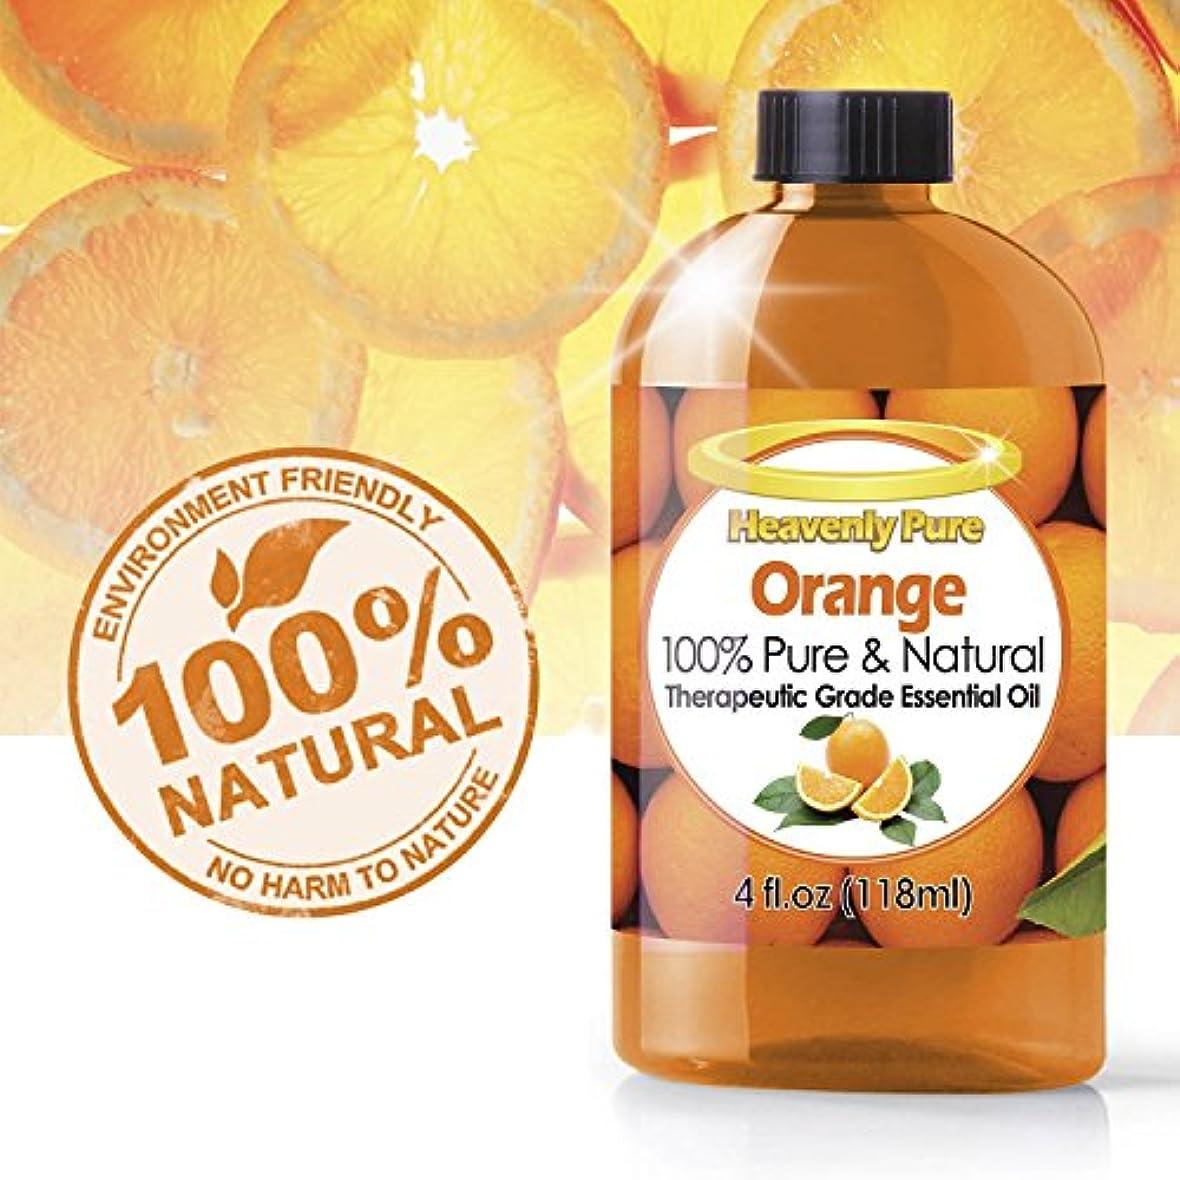 徹底的に厚くする付き添い人オレンジエッセンシャルオイル(HUGE 4 OZ)アイドロップ剤 - 100%ピュア&ナチュラルスイートシトラスアロマ - 治療グレード - オレンジオイルはアロマセラピー、イミュニティ、天然抗菌、および洗浄に最適です